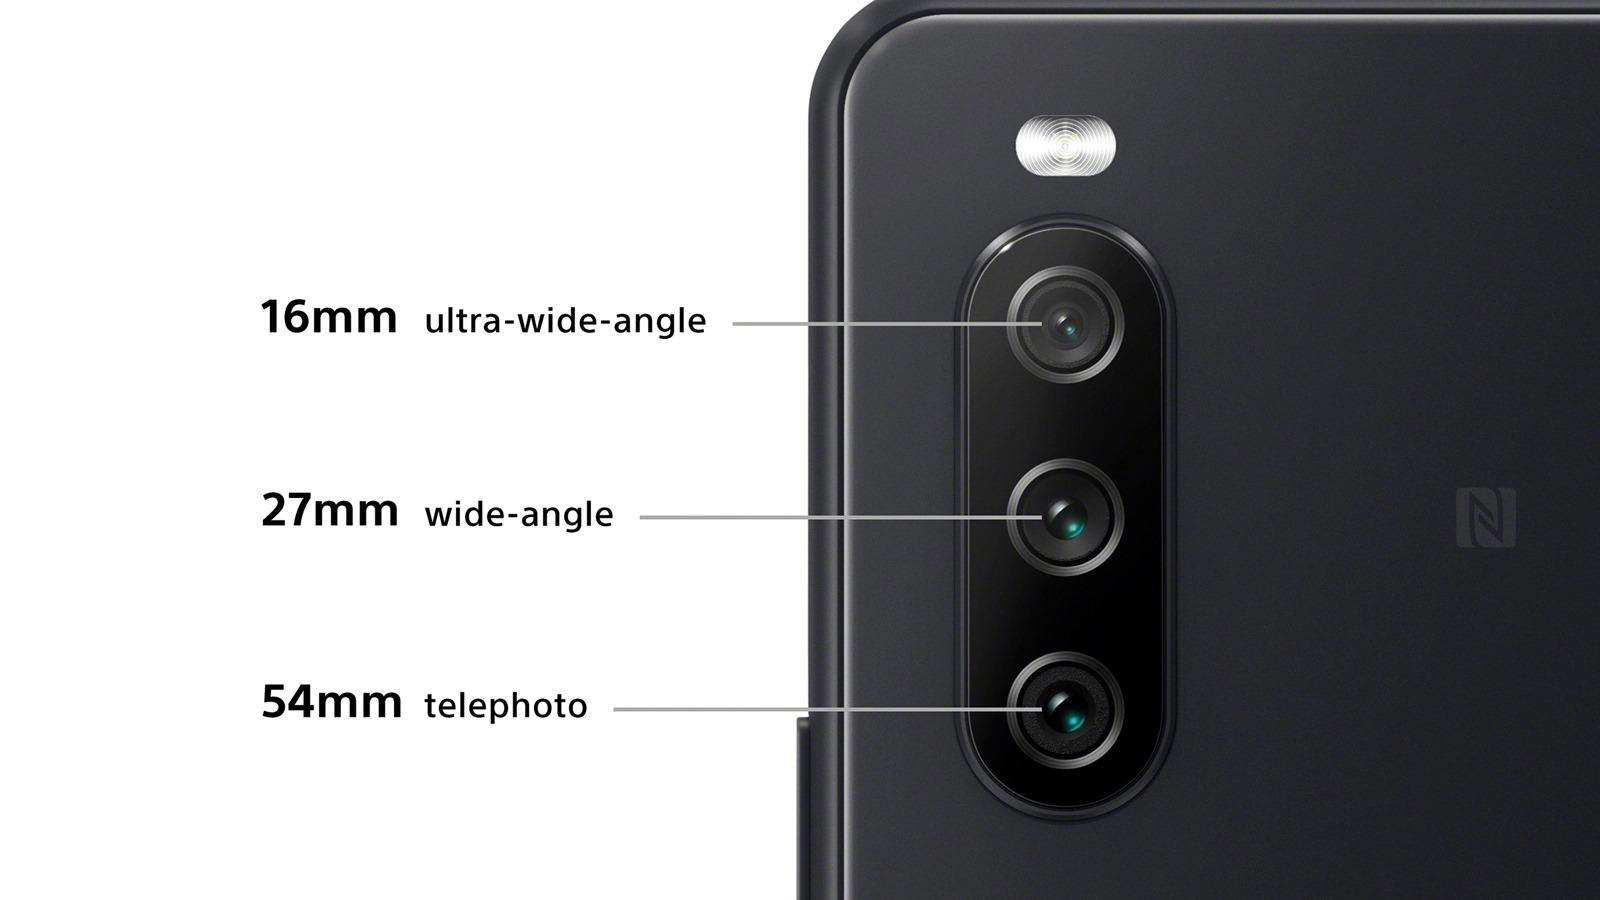 圖說、Xperia-10-III 搭載全新三鏡頭相機,為低光源及動態拍攝的絕佳利器_thumb.jpg @3C 達人廖阿輝